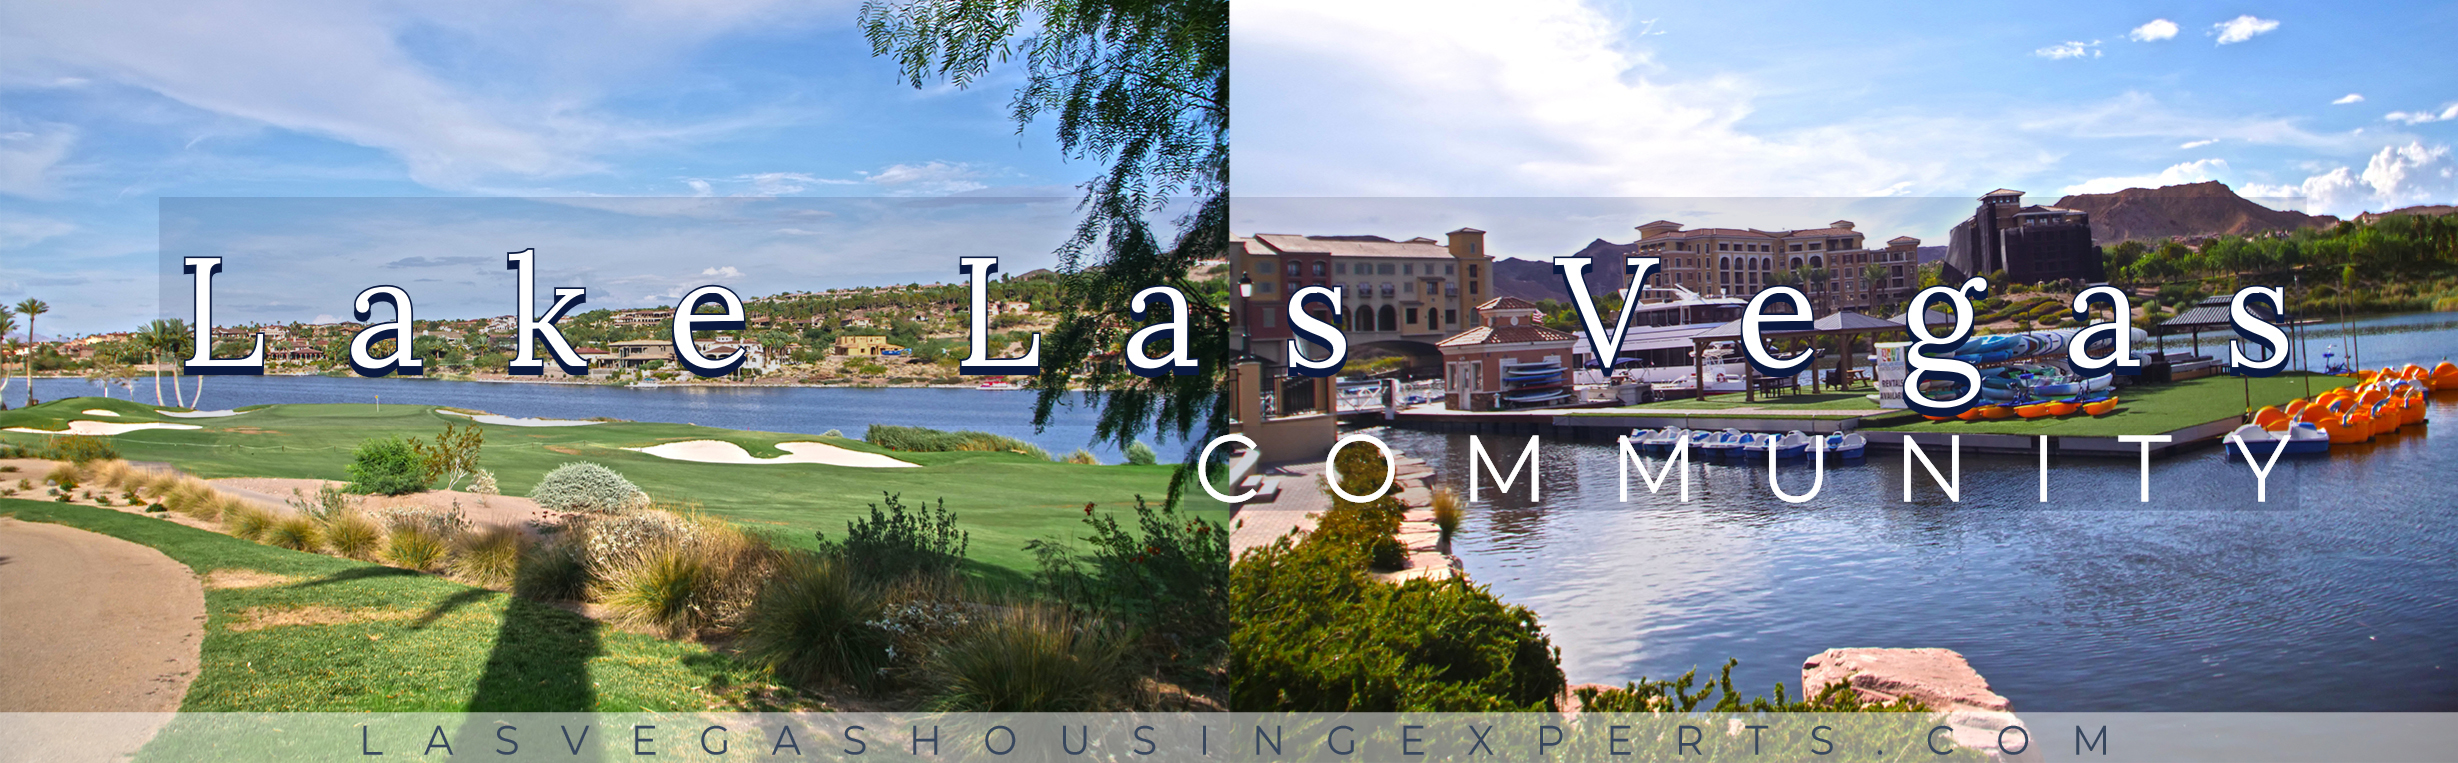 Lake Las Vegas Las Vegas Housing Experts real estate